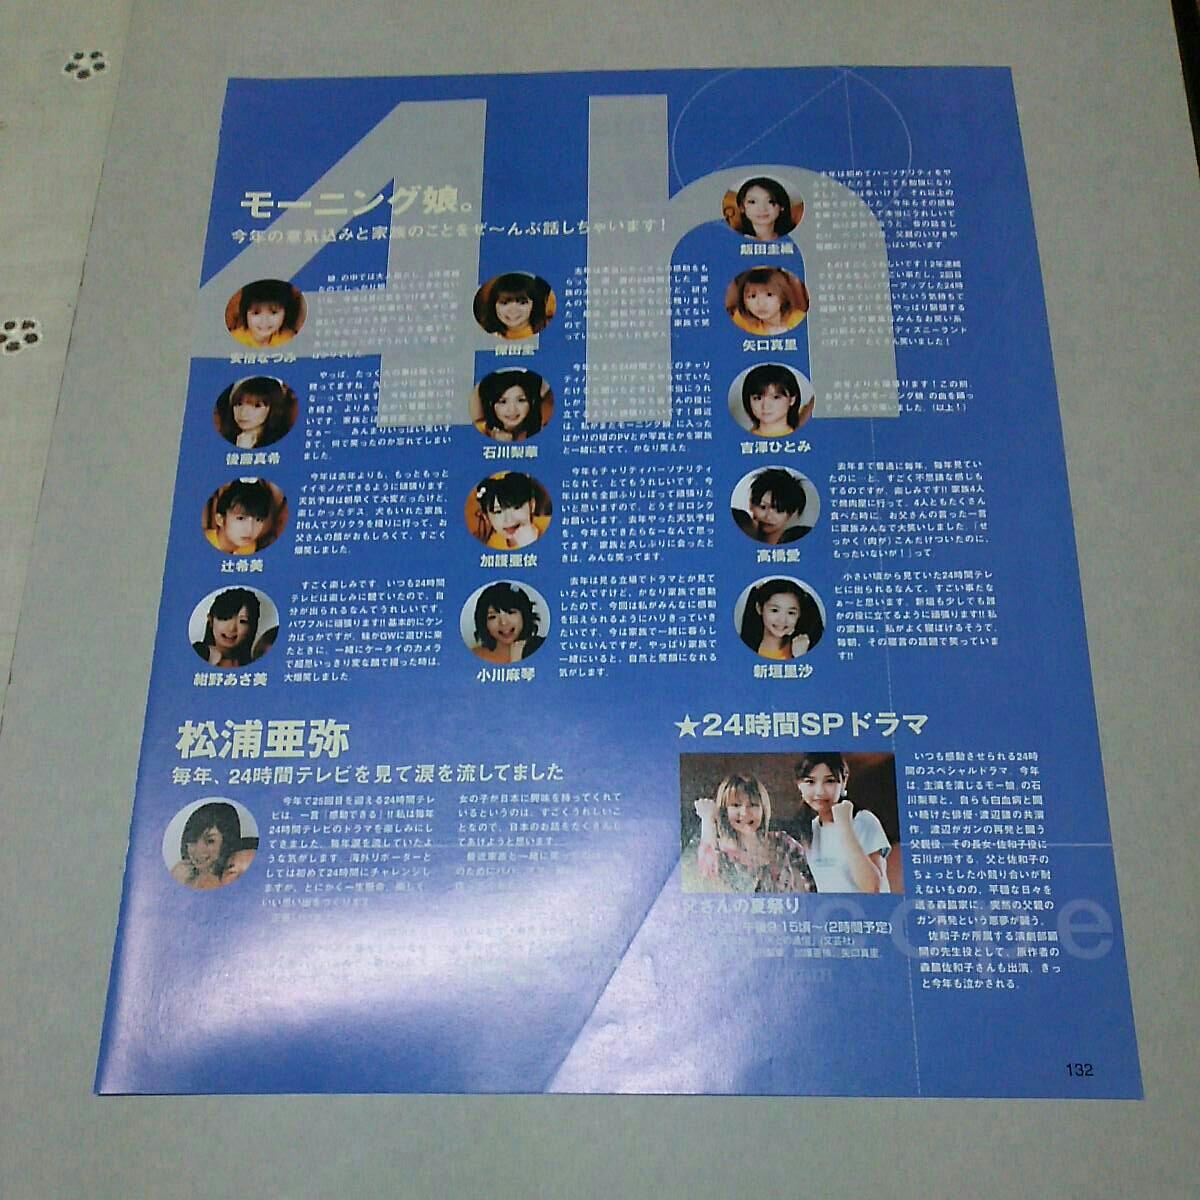 【激レア!!新潟県限定版雑誌大発掘写真記事2002~3年◆モーニング娘、松浦亜弥◆切り抜き1P不世出一点物!!】